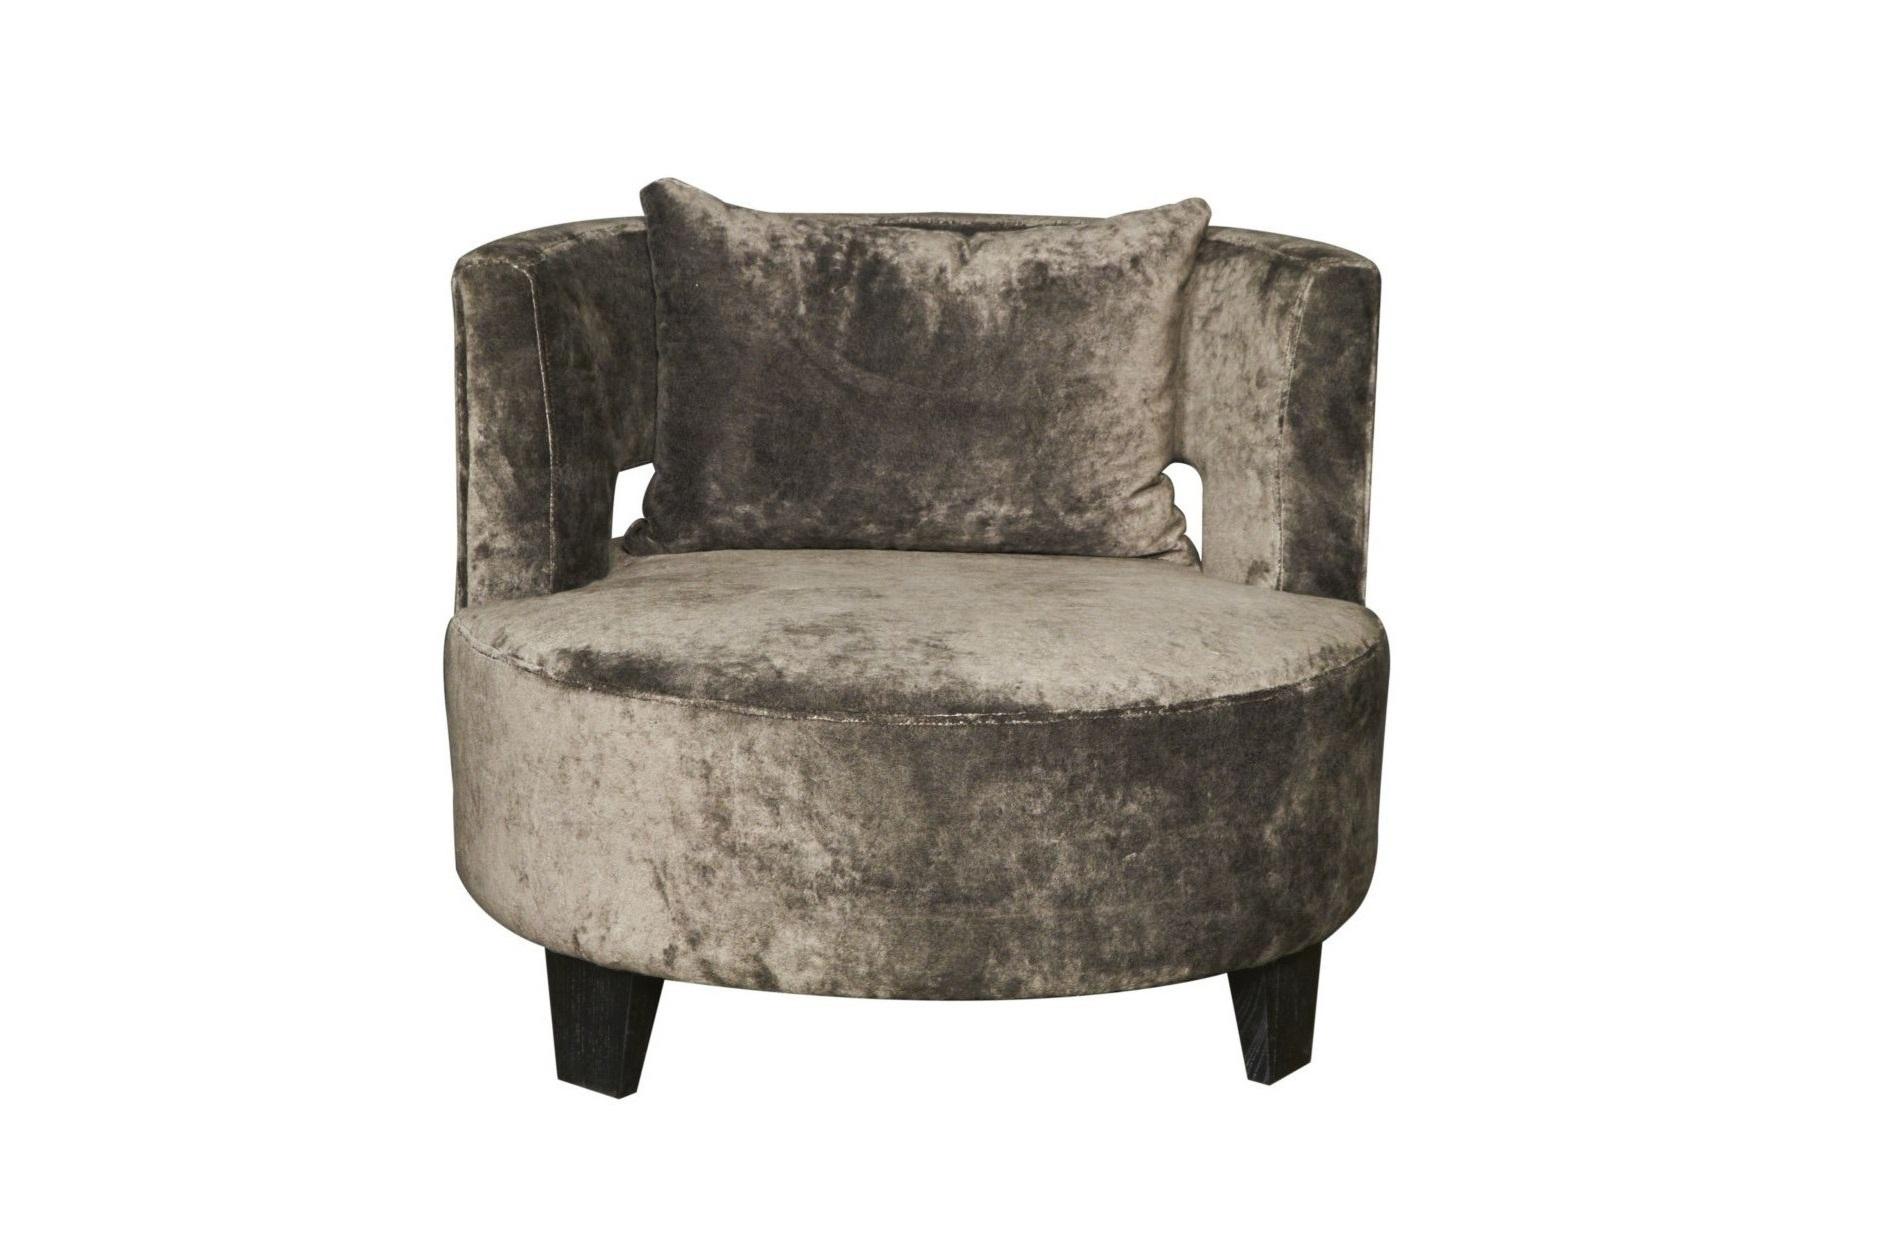 КреслоИнтерьерные кресла<br><br><br>Material: Текстиль<br>Высота см: 66